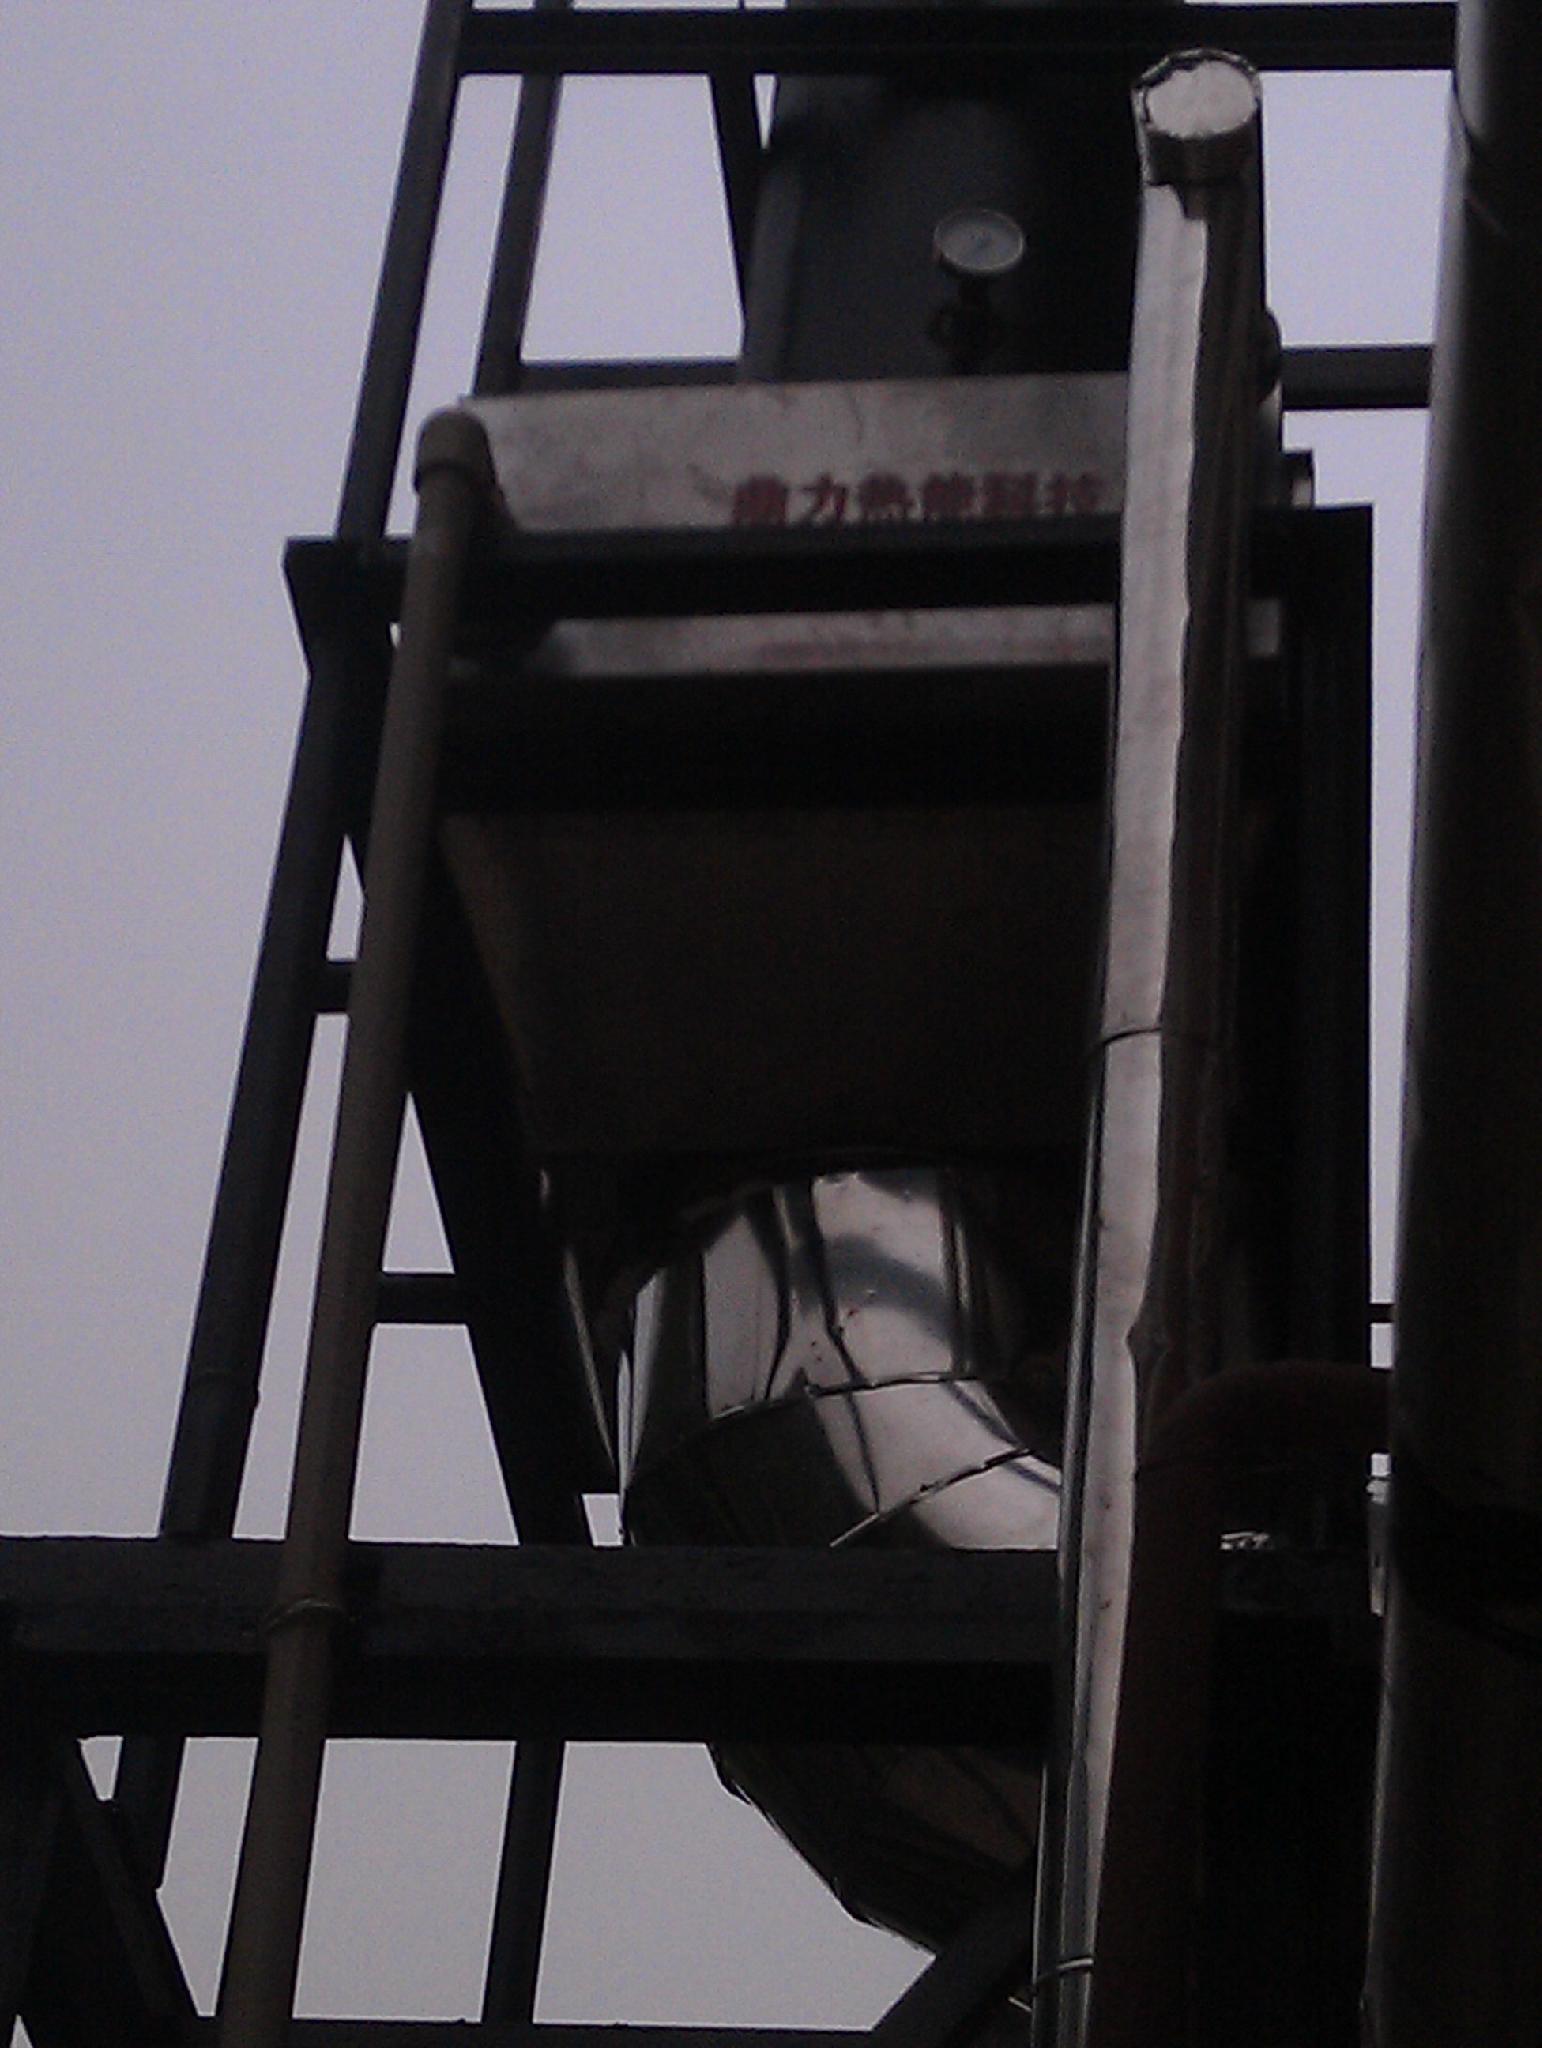 煙氣余熱回收設備和蒸汽余熱回收機都是鍋爐節能回收 2